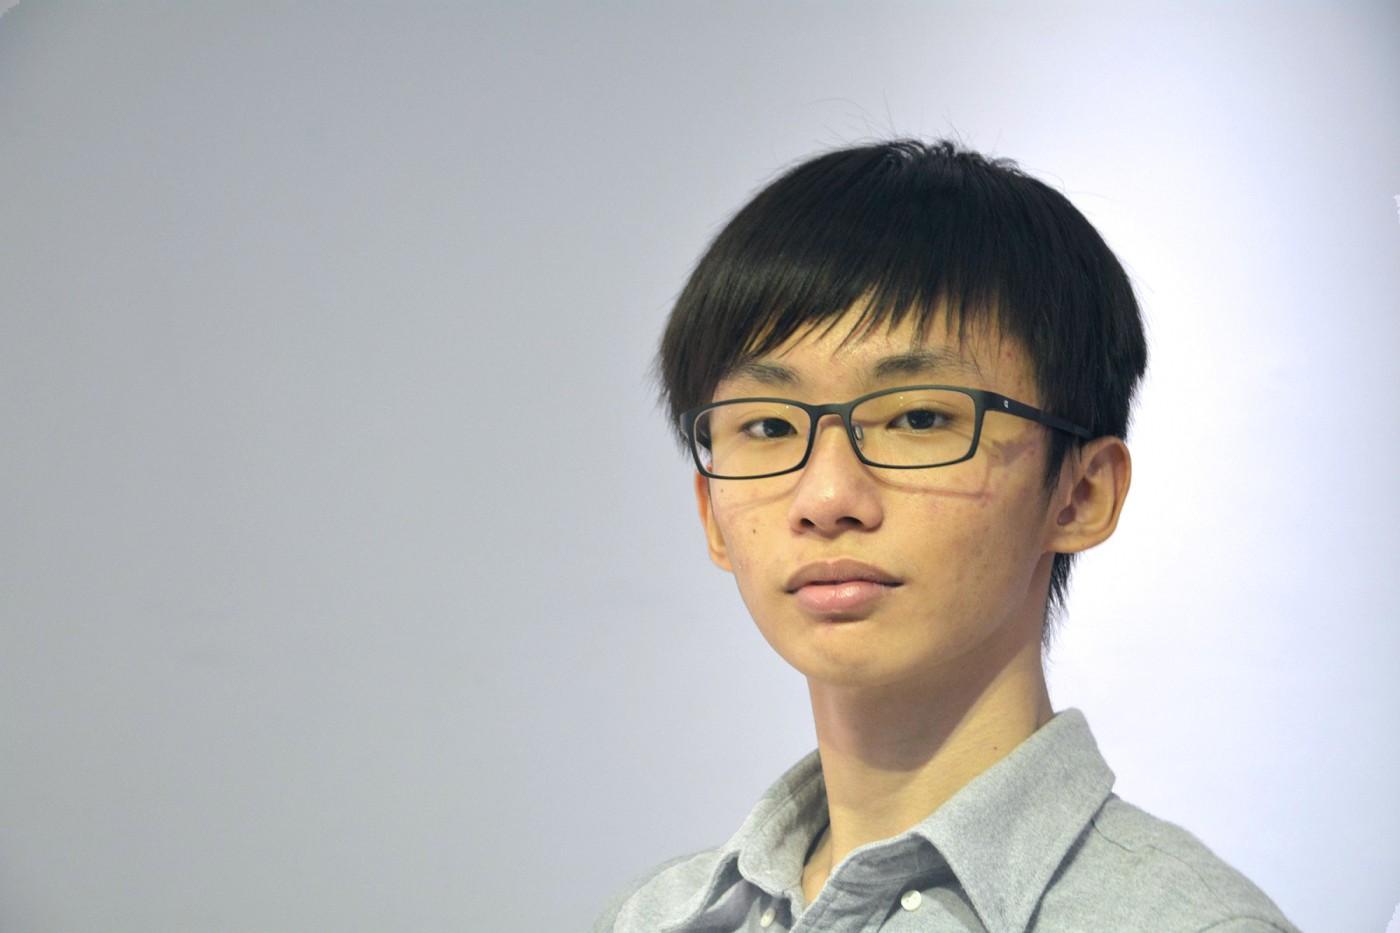 「剝除了成績和學歷,台灣學生還剩下甚麼?」15歲周奕勳用程式語言找回學習的意義